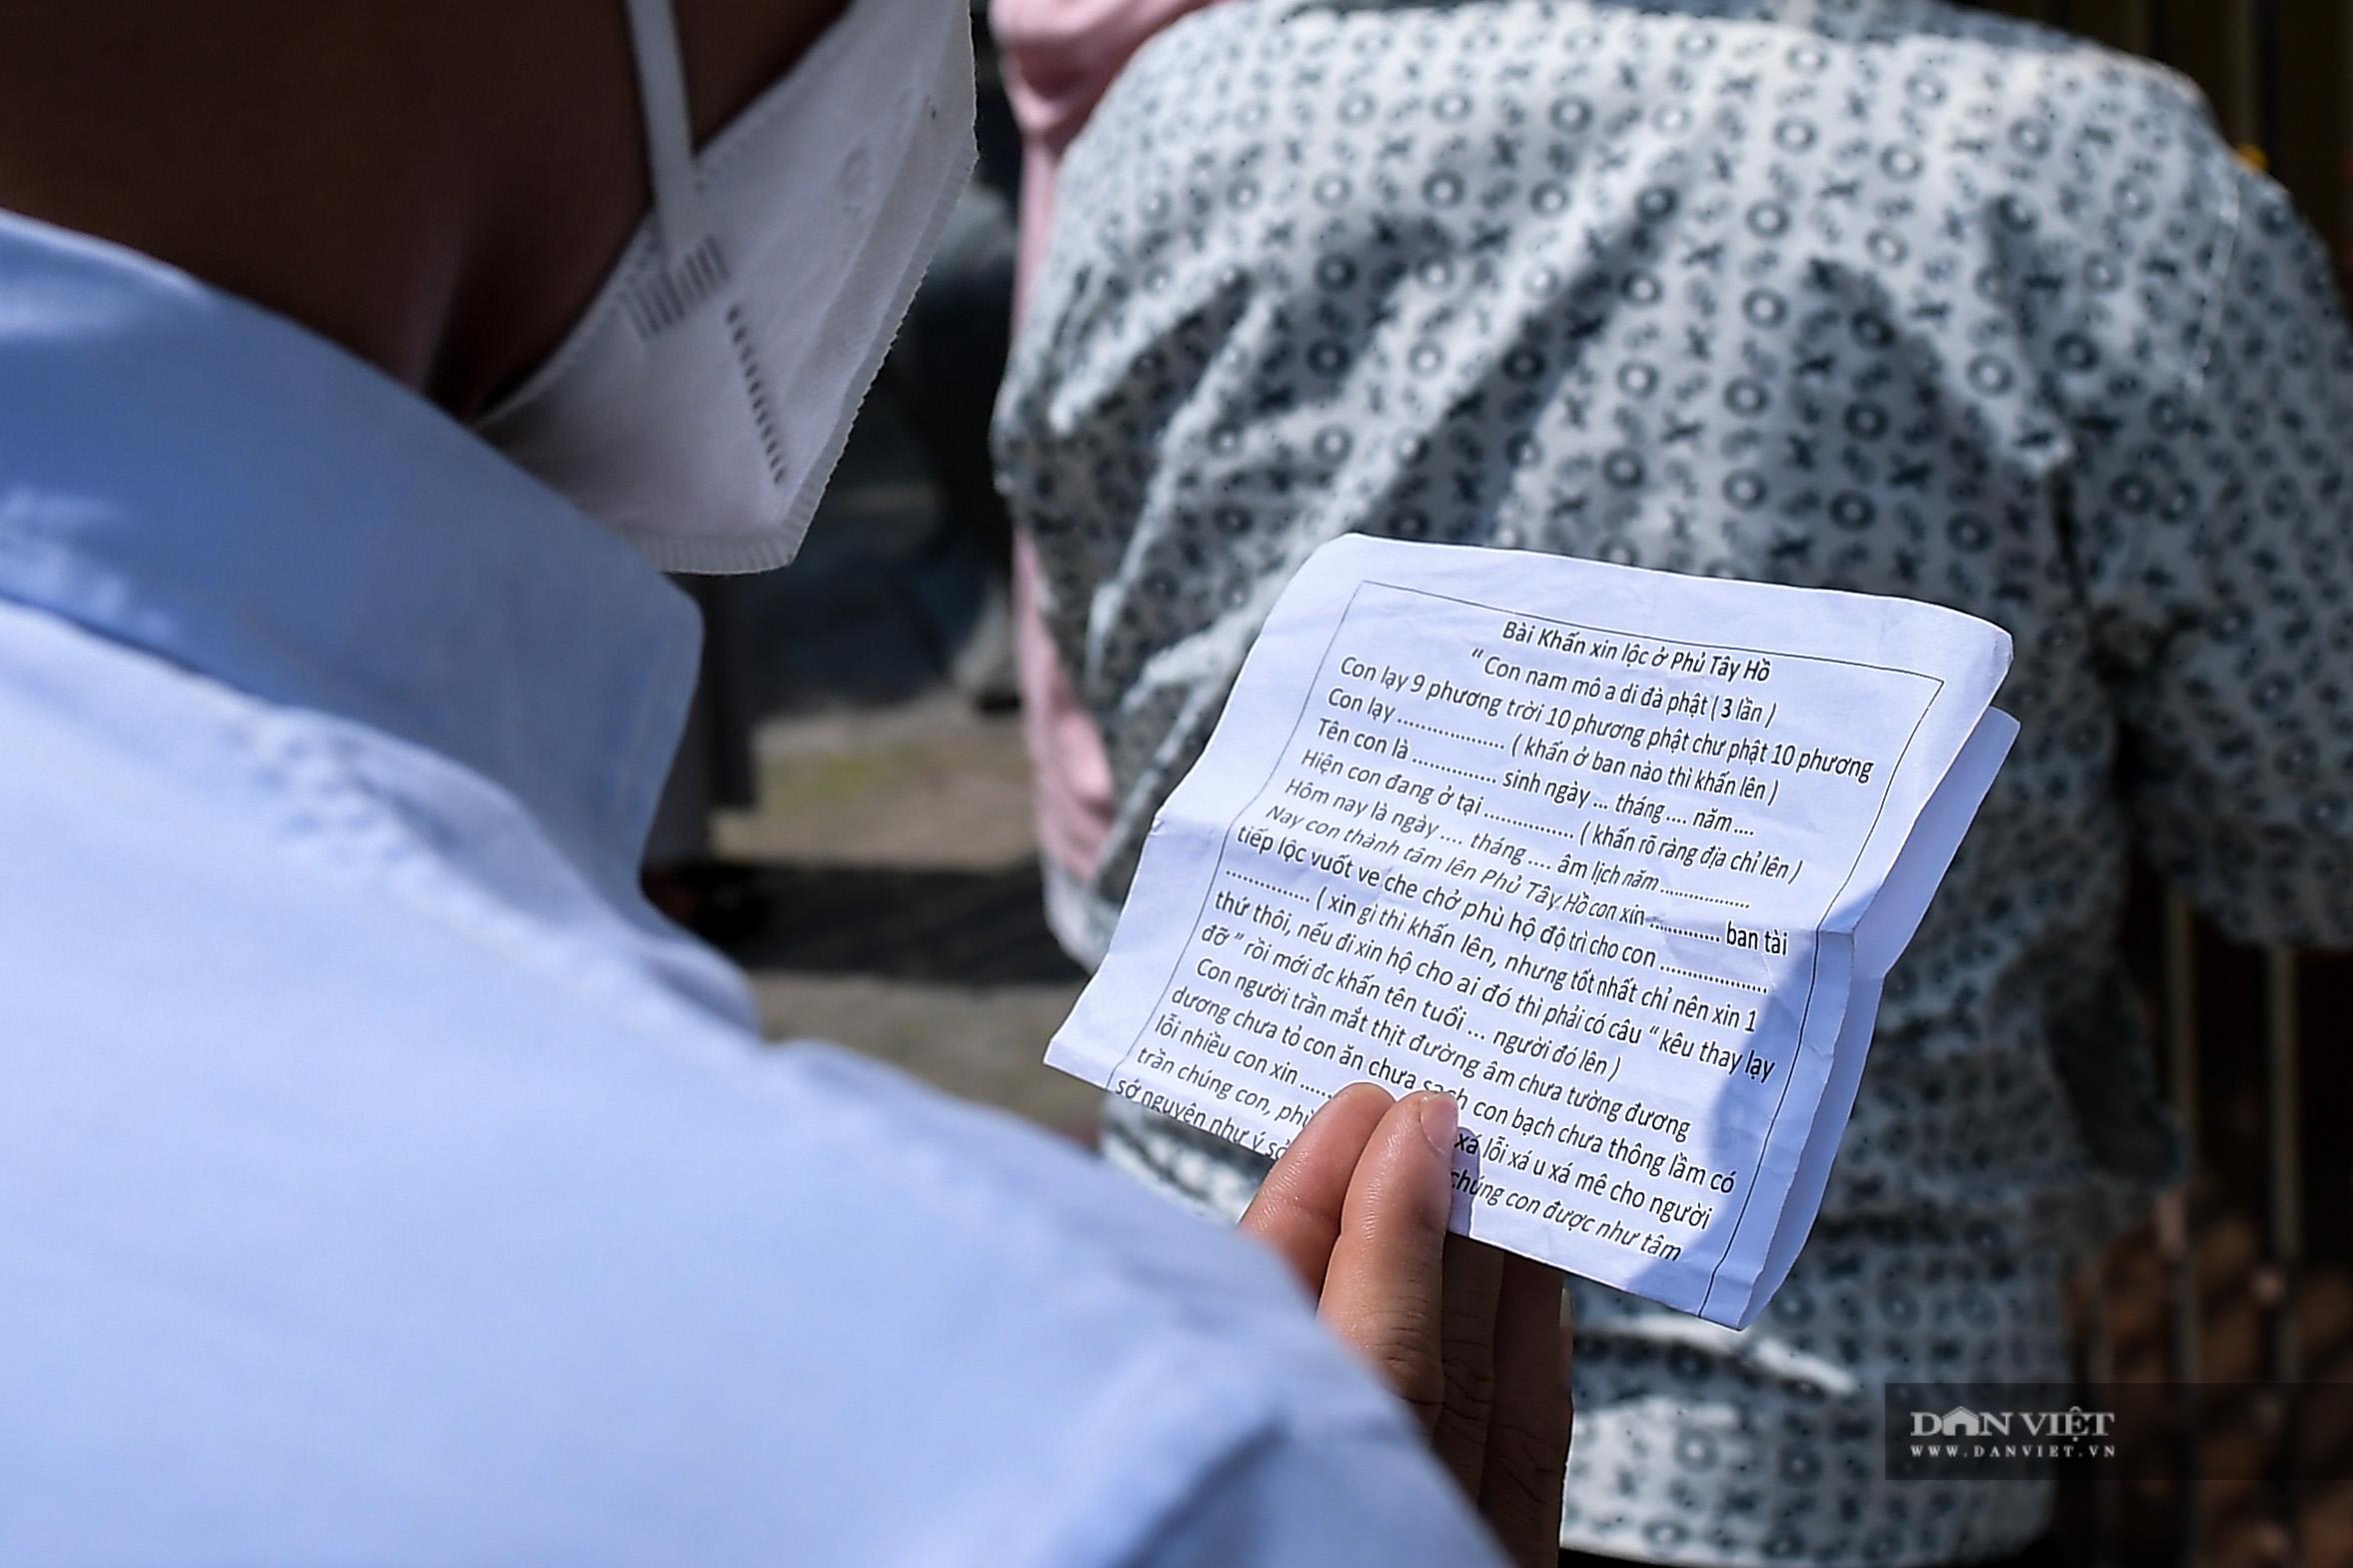 Hà Nội: Công an giải tán người dân đến phủ Tây Hồ vái vọng ngày mùng 1 âm lịch - Ảnh 6.